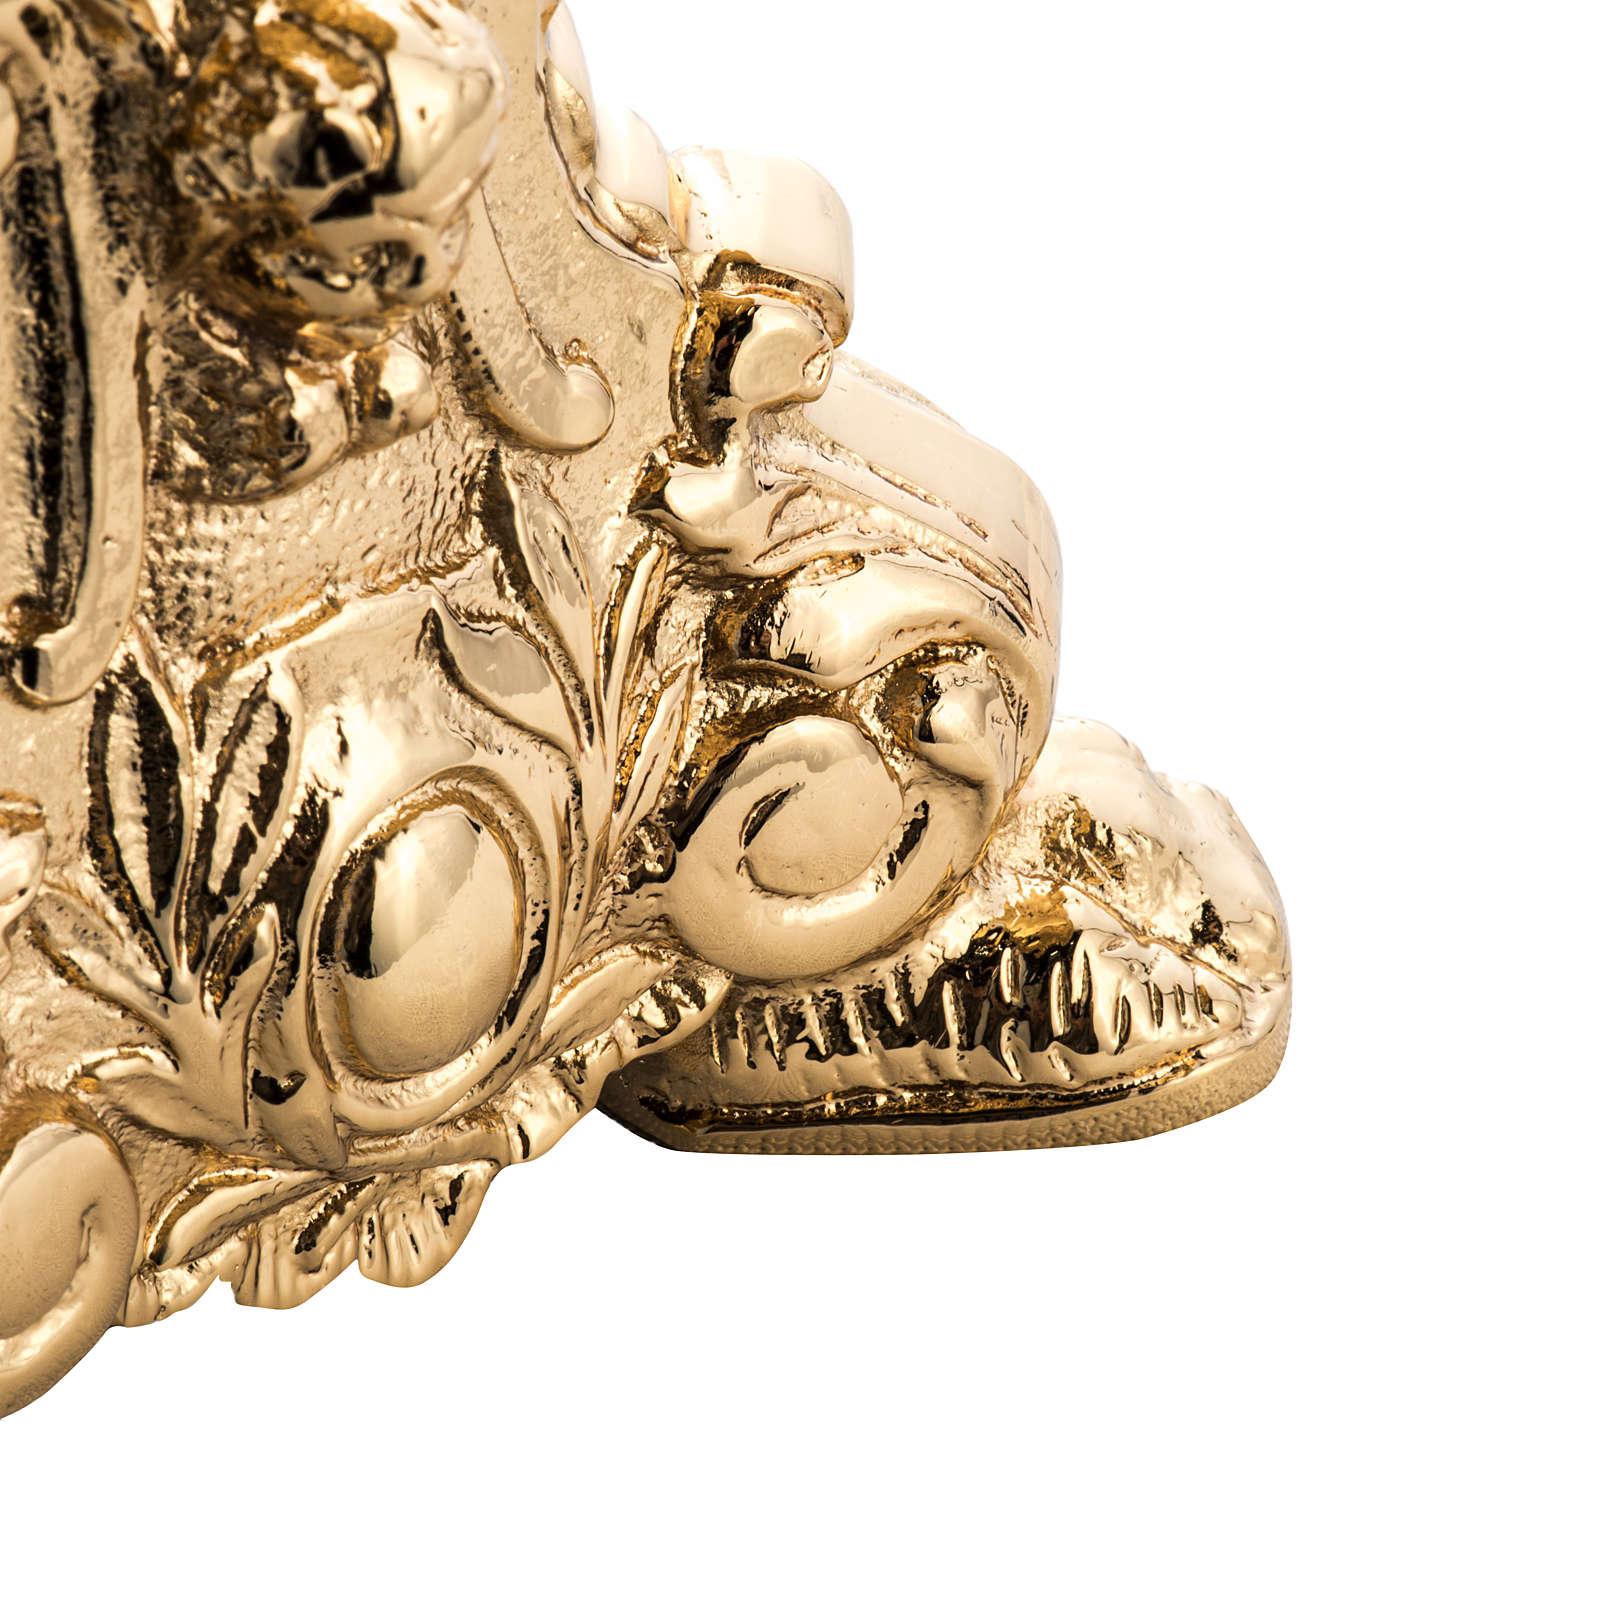 Candelabro barroco latón fundido dorado 4